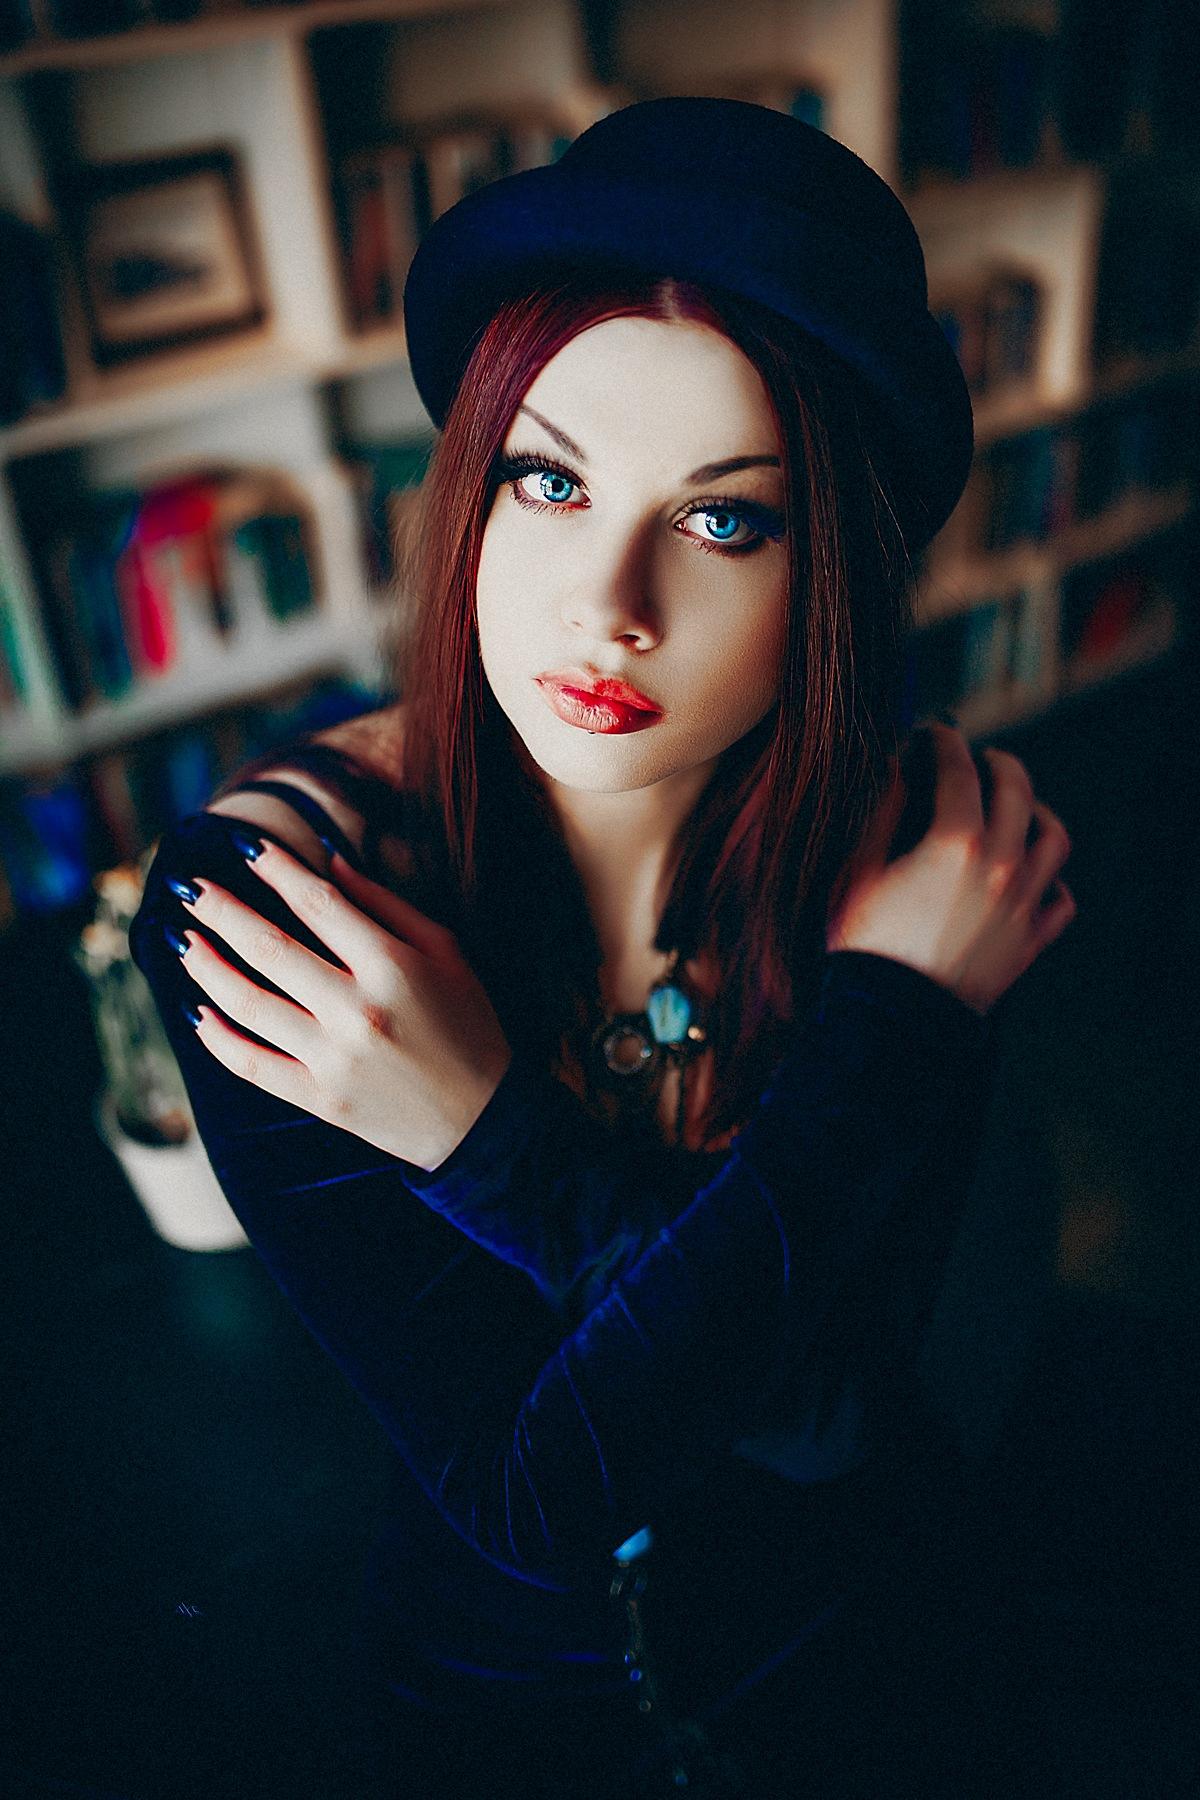 Gerda by Ruslan  Bolgov (Axe Photography)